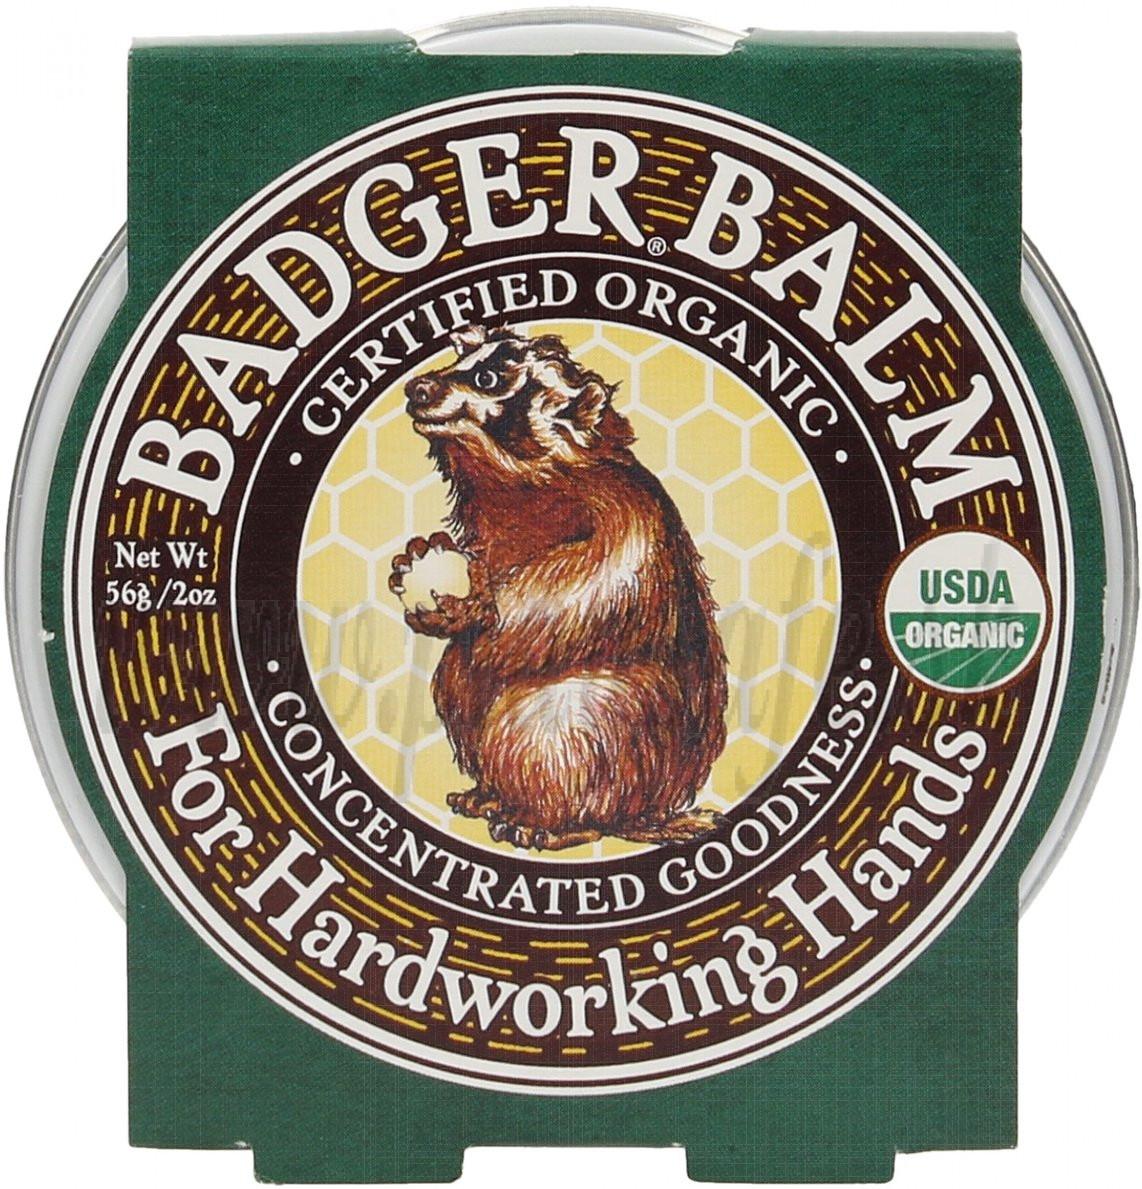 Badger Balm Balzam na ruky, 56g